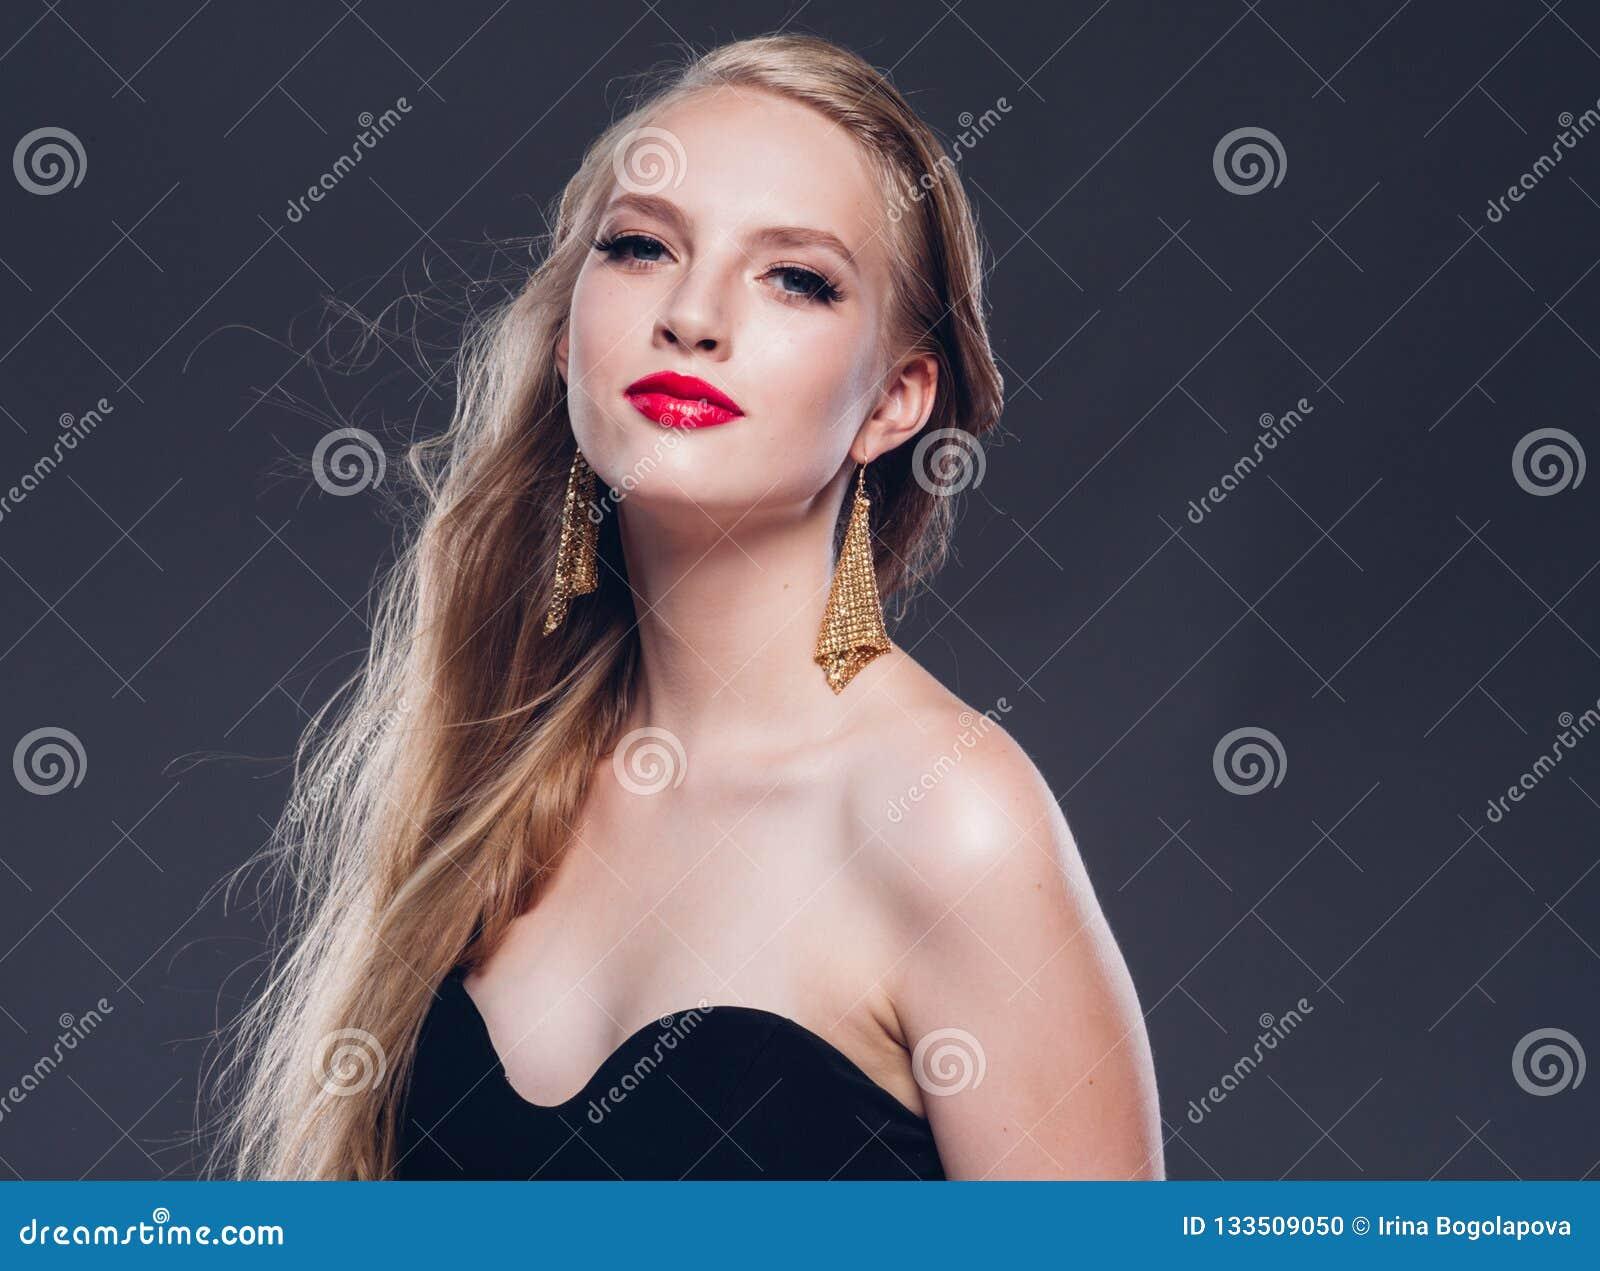 Estilo clásico de la mujer hermosa del pelo rubio con los labios rojos y año